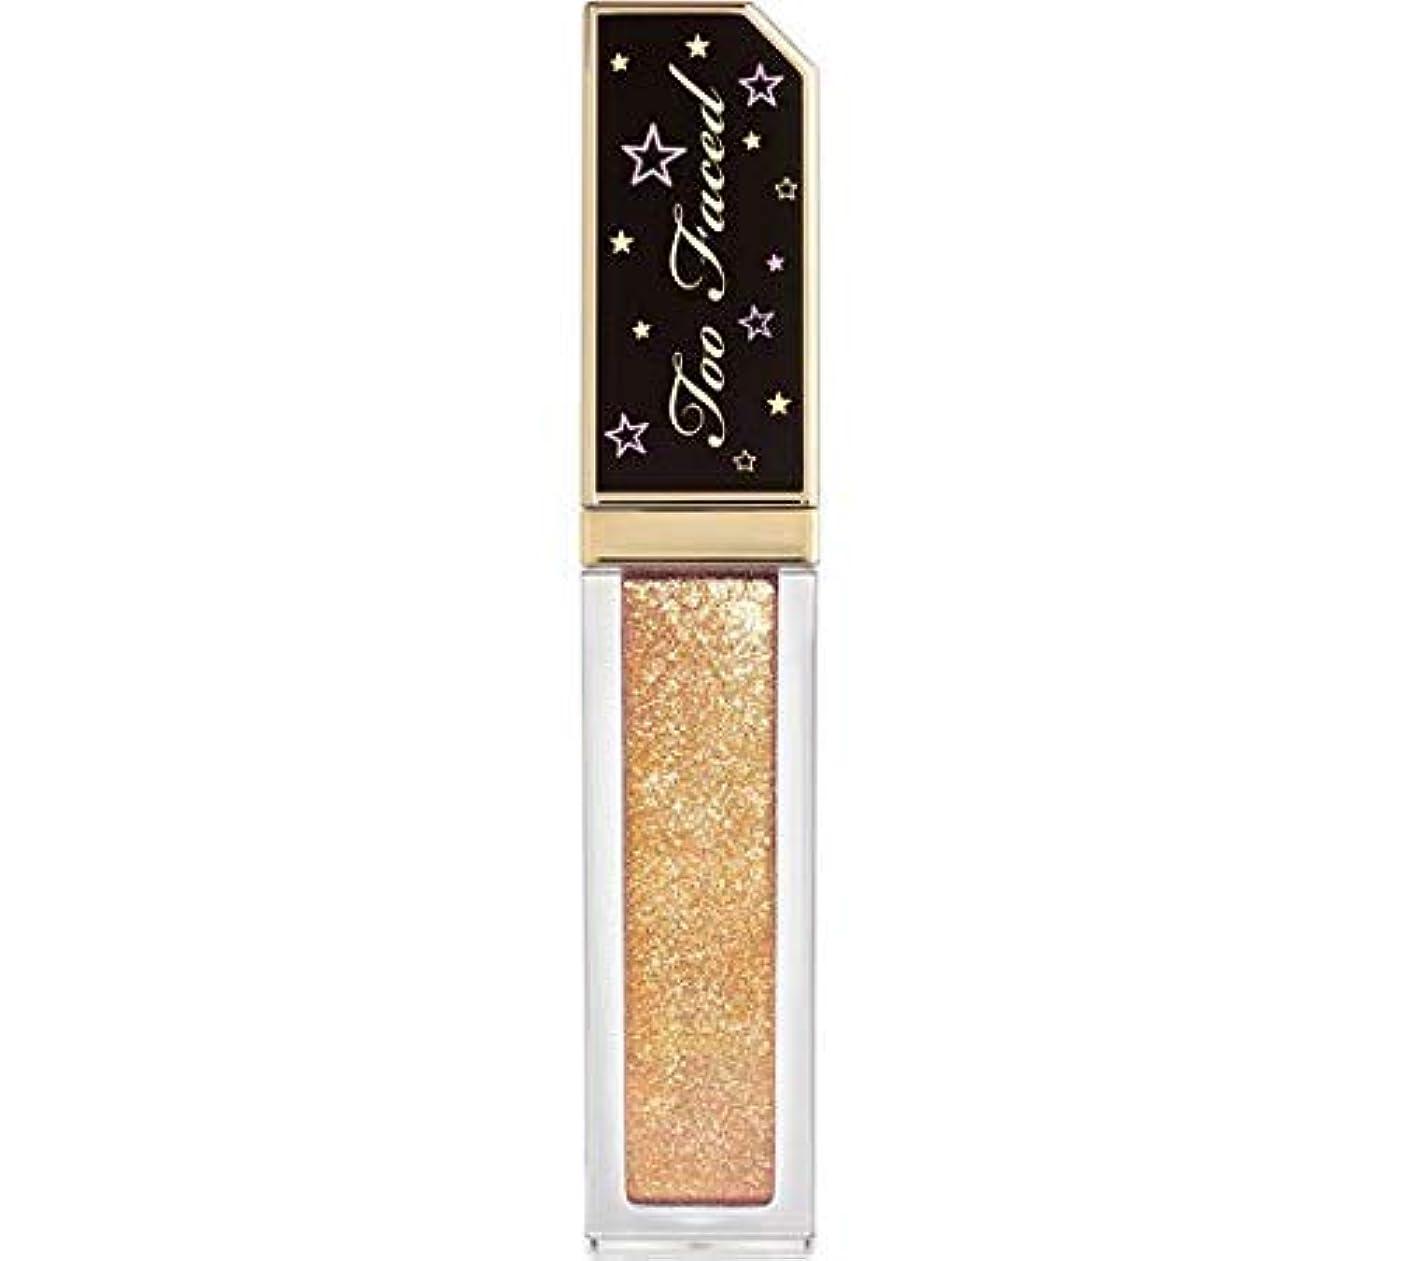 ソーダ水ビールオーストラリアTOO FACED Twinkle Twinkle Liquid Glitter Eyeshadow - Sweet Spot [並行輸入品]